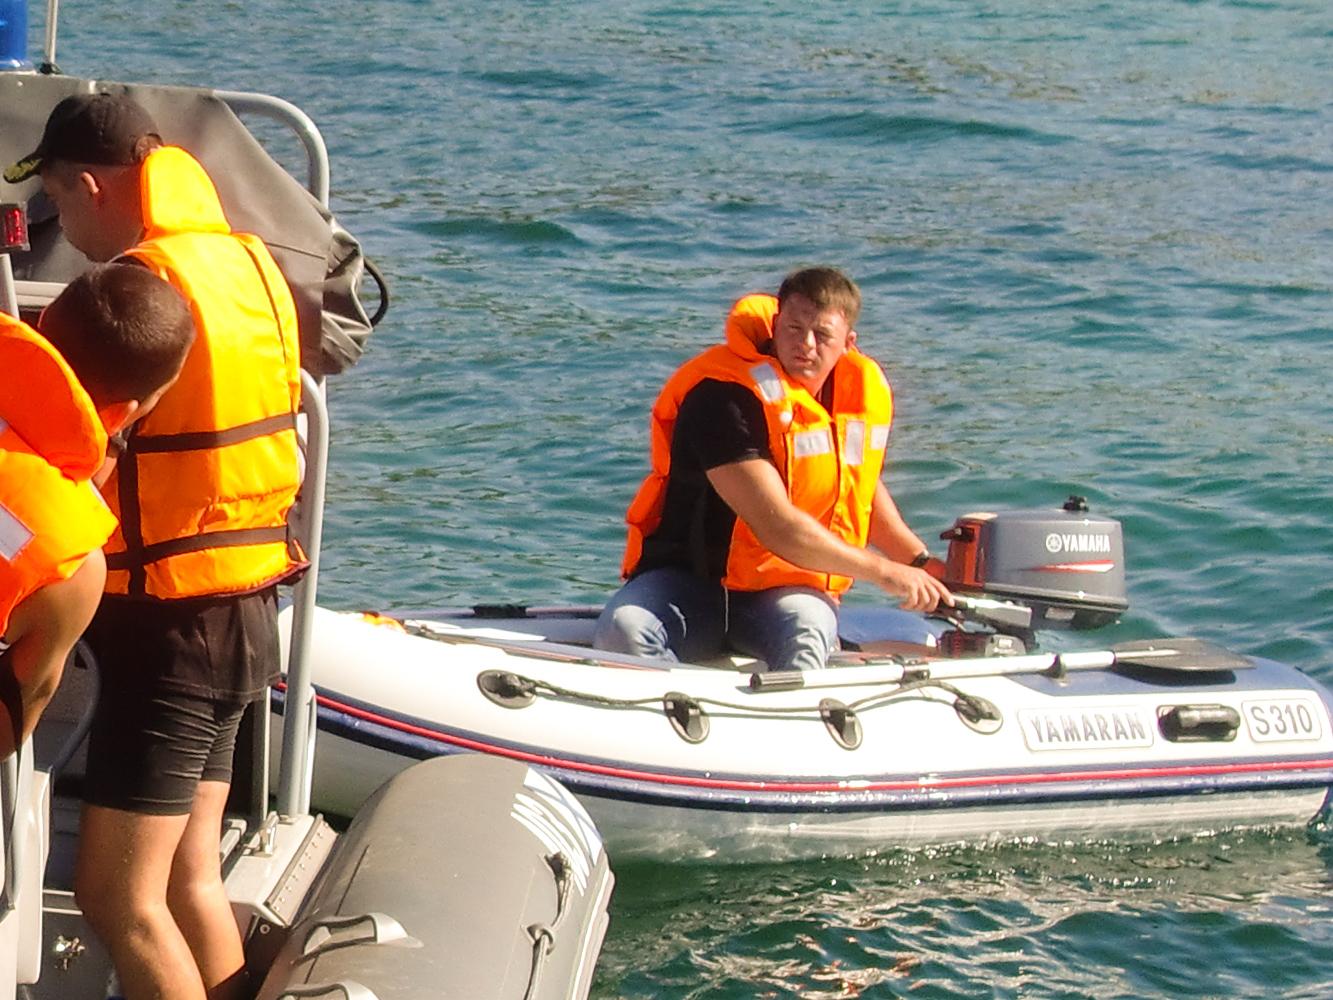 Обучение управлению моторной лодкой в Севастополе